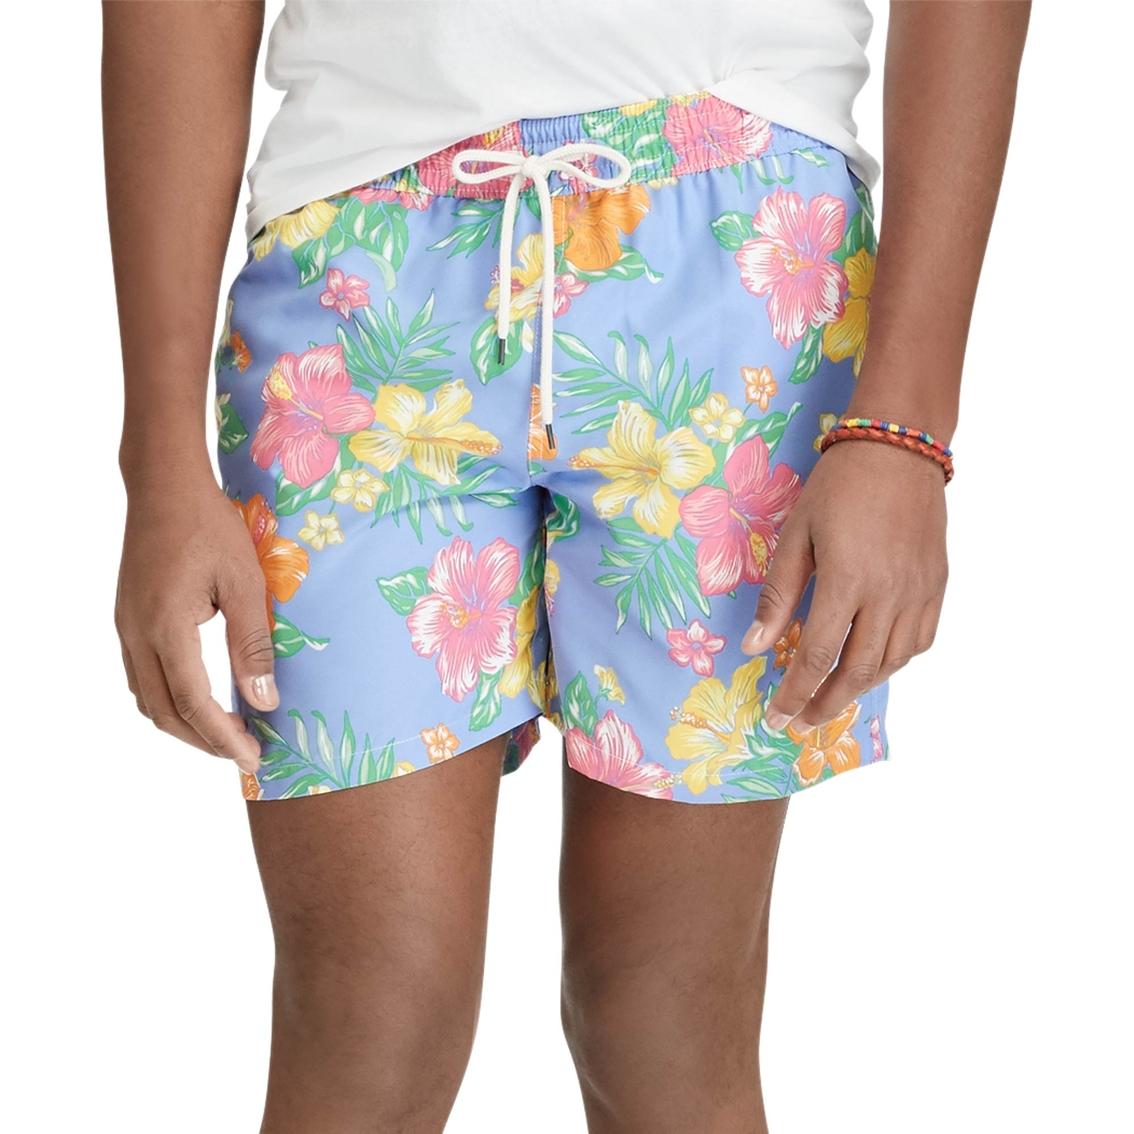 7fb23d6284e48 Polo Ralph Lauren 5.75 In. Traveler Swim Trunks | Swimwear | Apparel ...